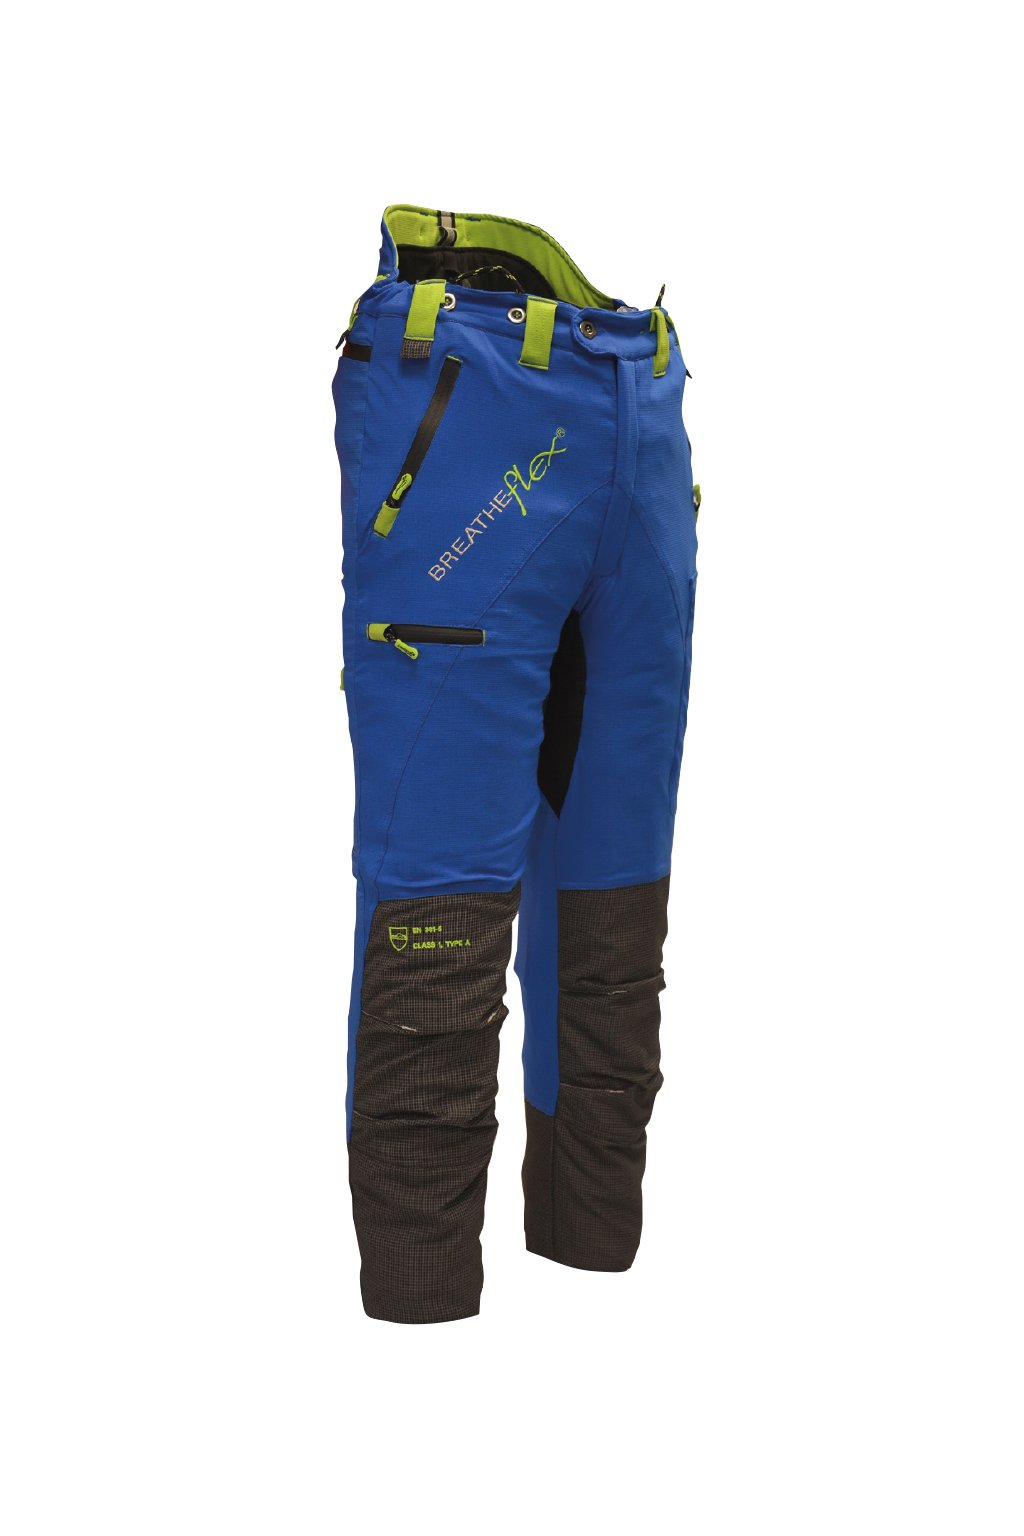 Protipořezové kalhoty Breatheflex Pro modré Class1/TypeC Reg